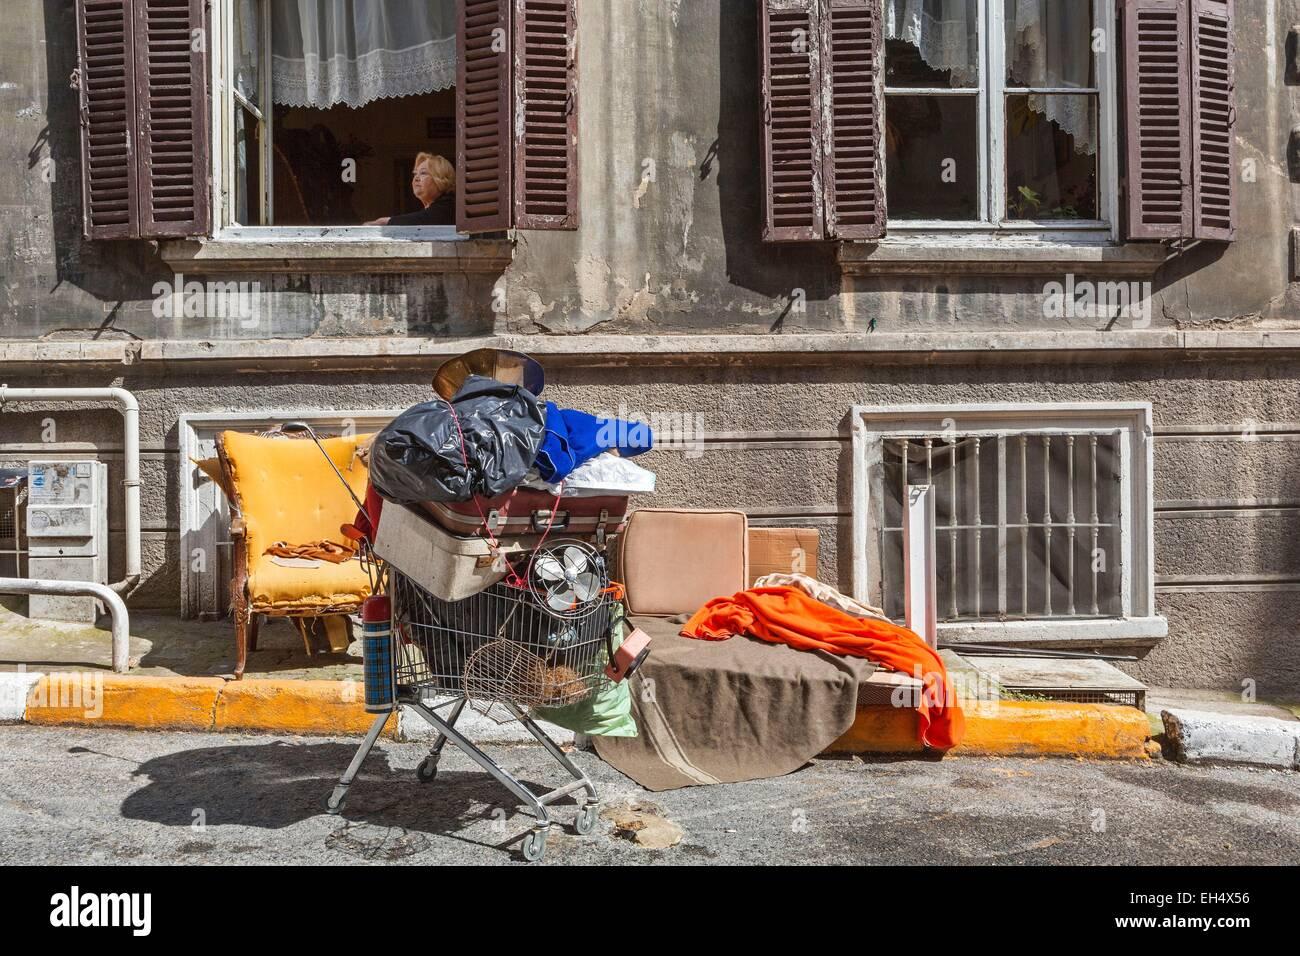 Türkei, Istanbul, Beyoglu, Galata, Straßenbild und Street Szene in einem beliebten Stadtteil von Istanbul Stockbild